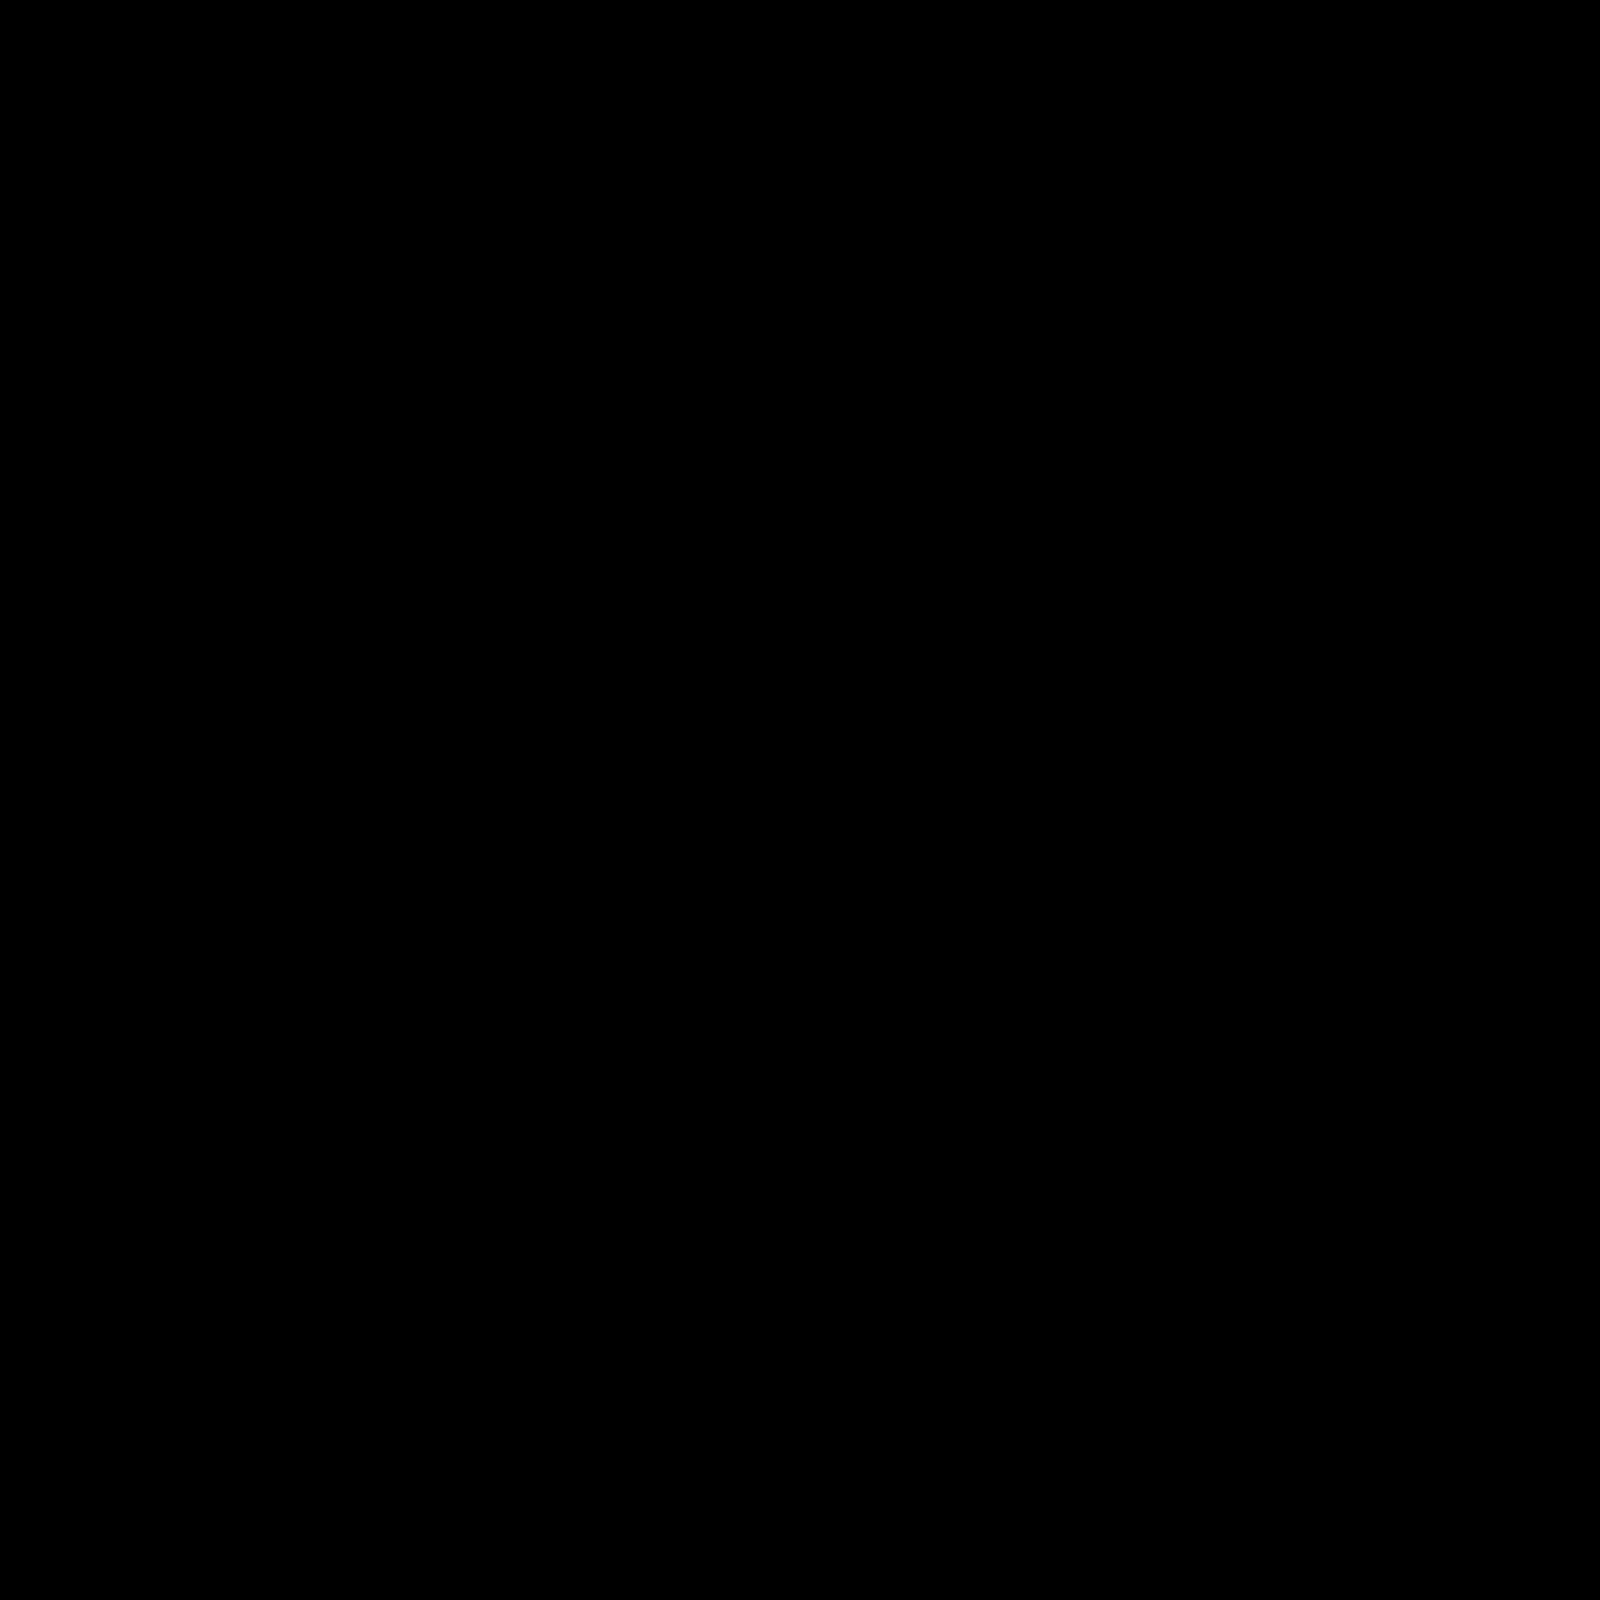 两个手指向上滑动 icon. This is a photo of two of the same object. The object is a circle on the bottom with an arrow pointing upwards coming out of the top of the circle.